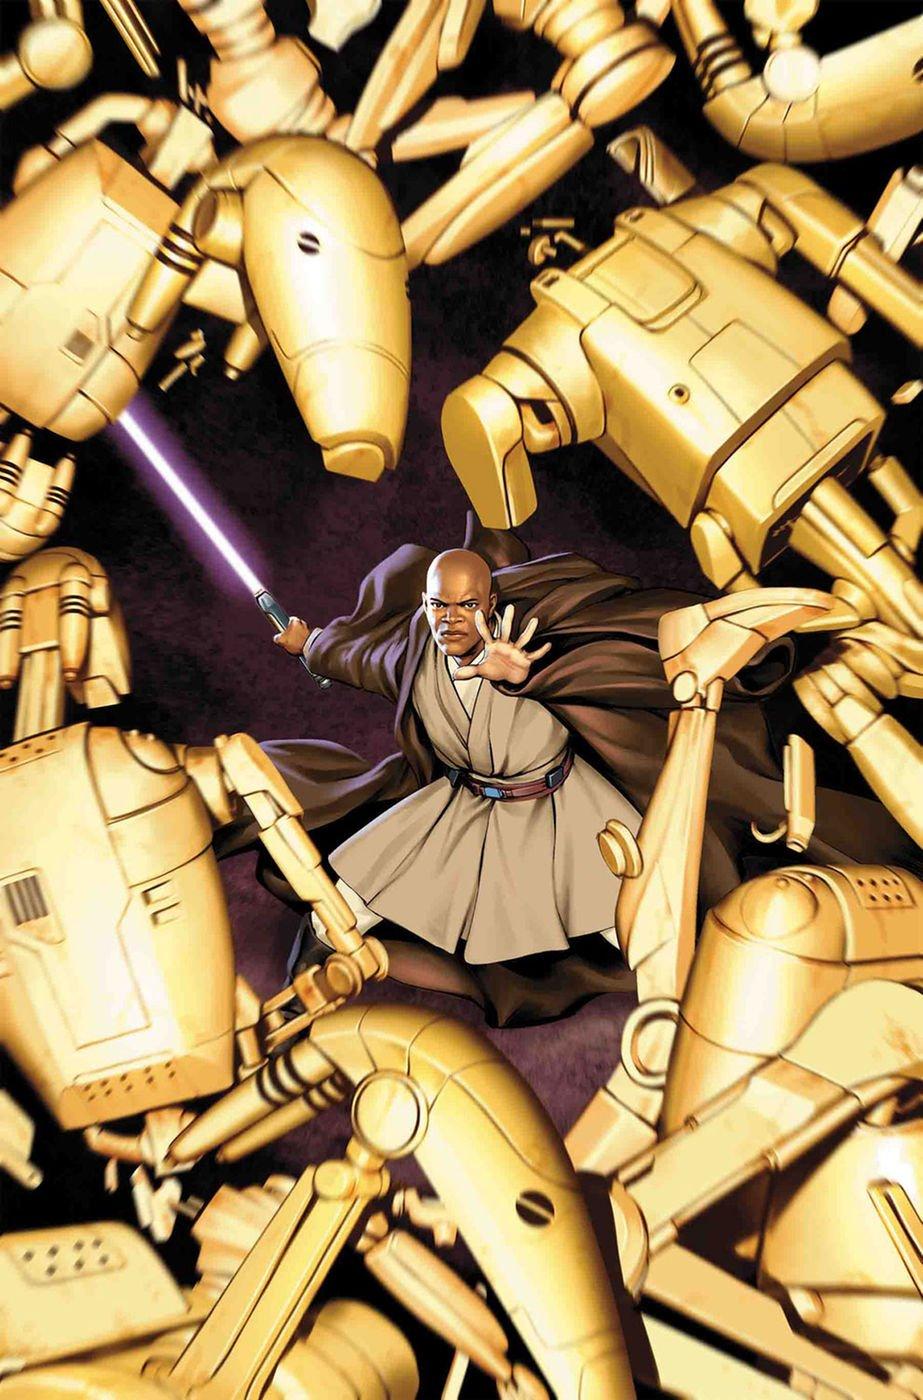 Marvel развивает вселенную Star Wars: новый комикс о Мейсе Винду - Изображение 1